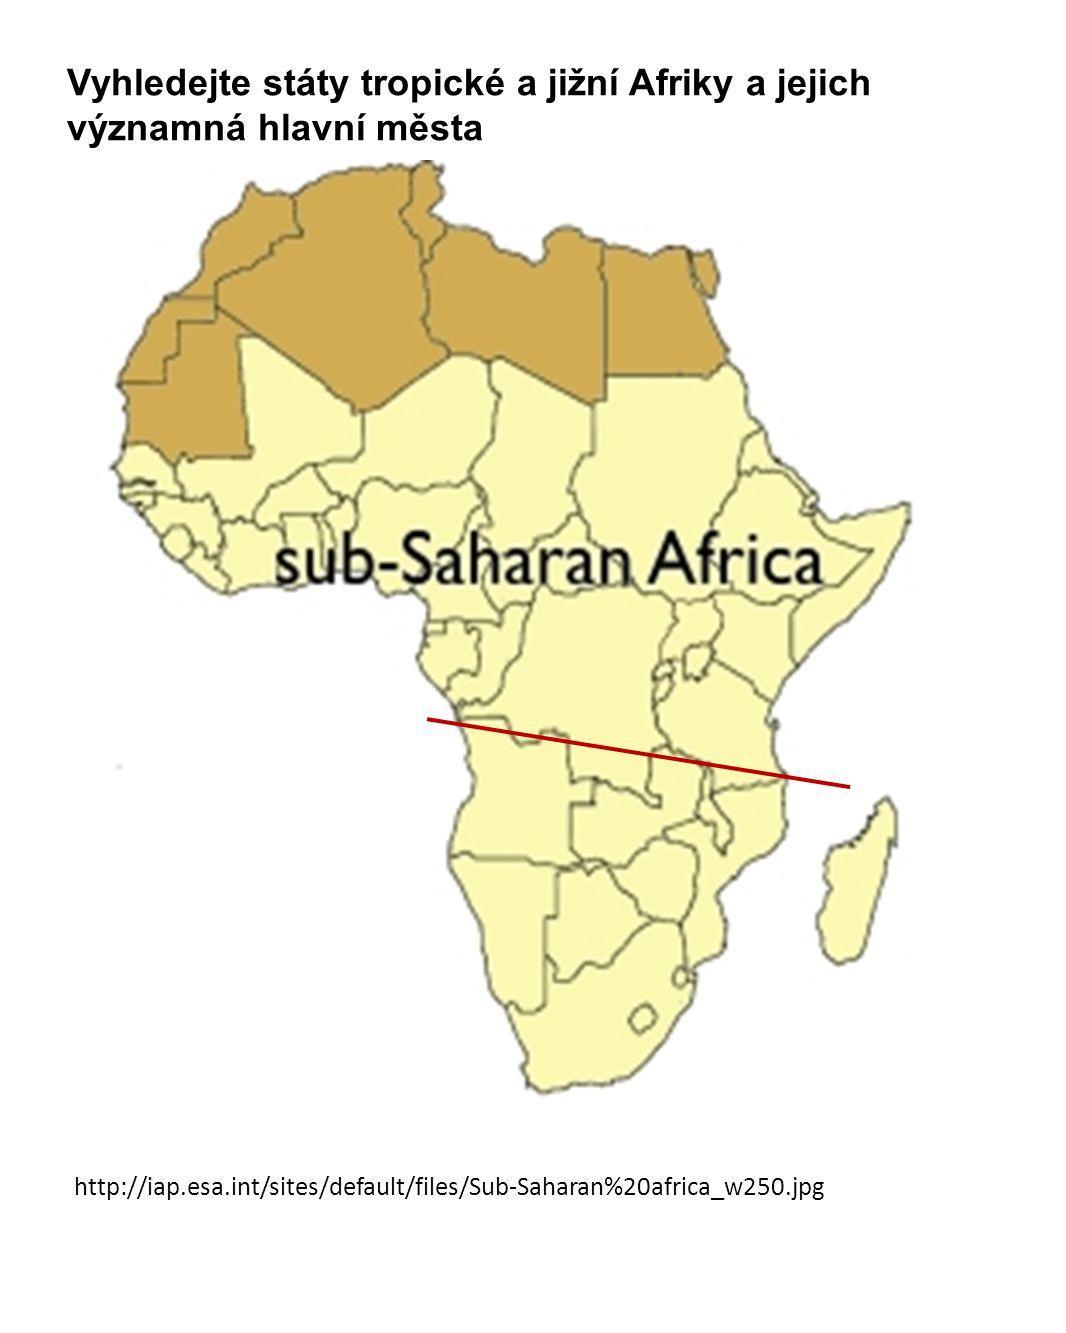 http://iap.esa.int/sites/default/files/Sub-Saharan%20africa_w250.jpg Vyhledejte státy tropické a jižní Afriky a jejich významná hlavní města